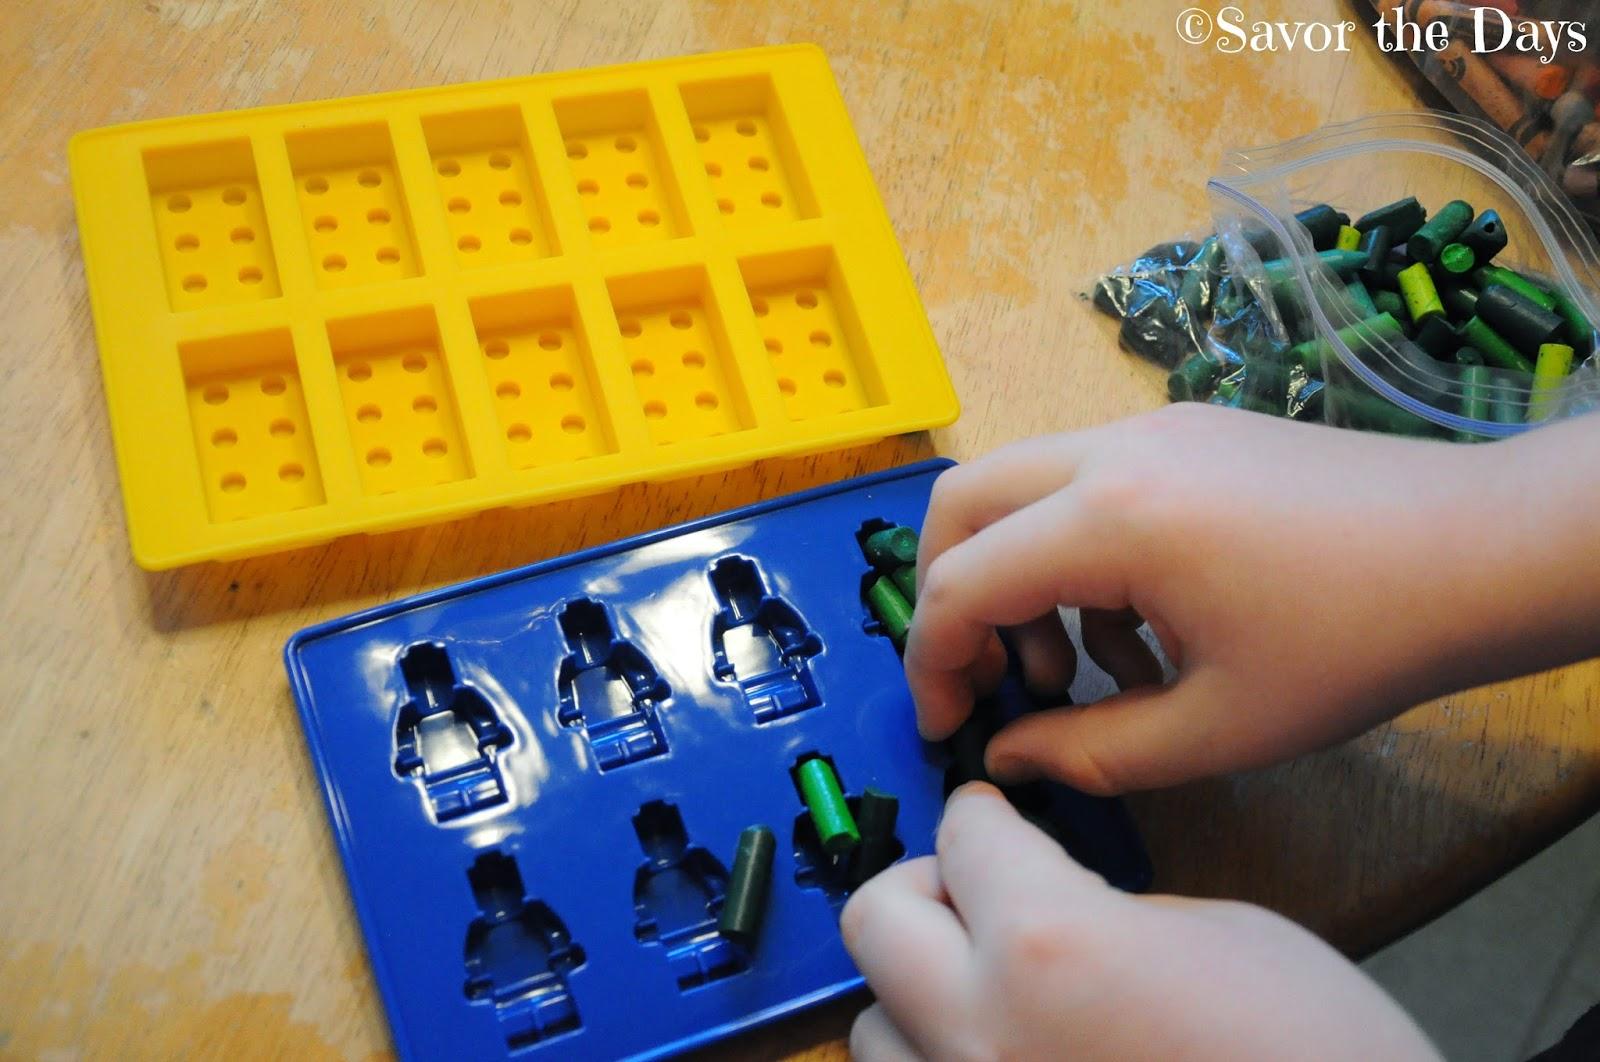 Lego silicone molds